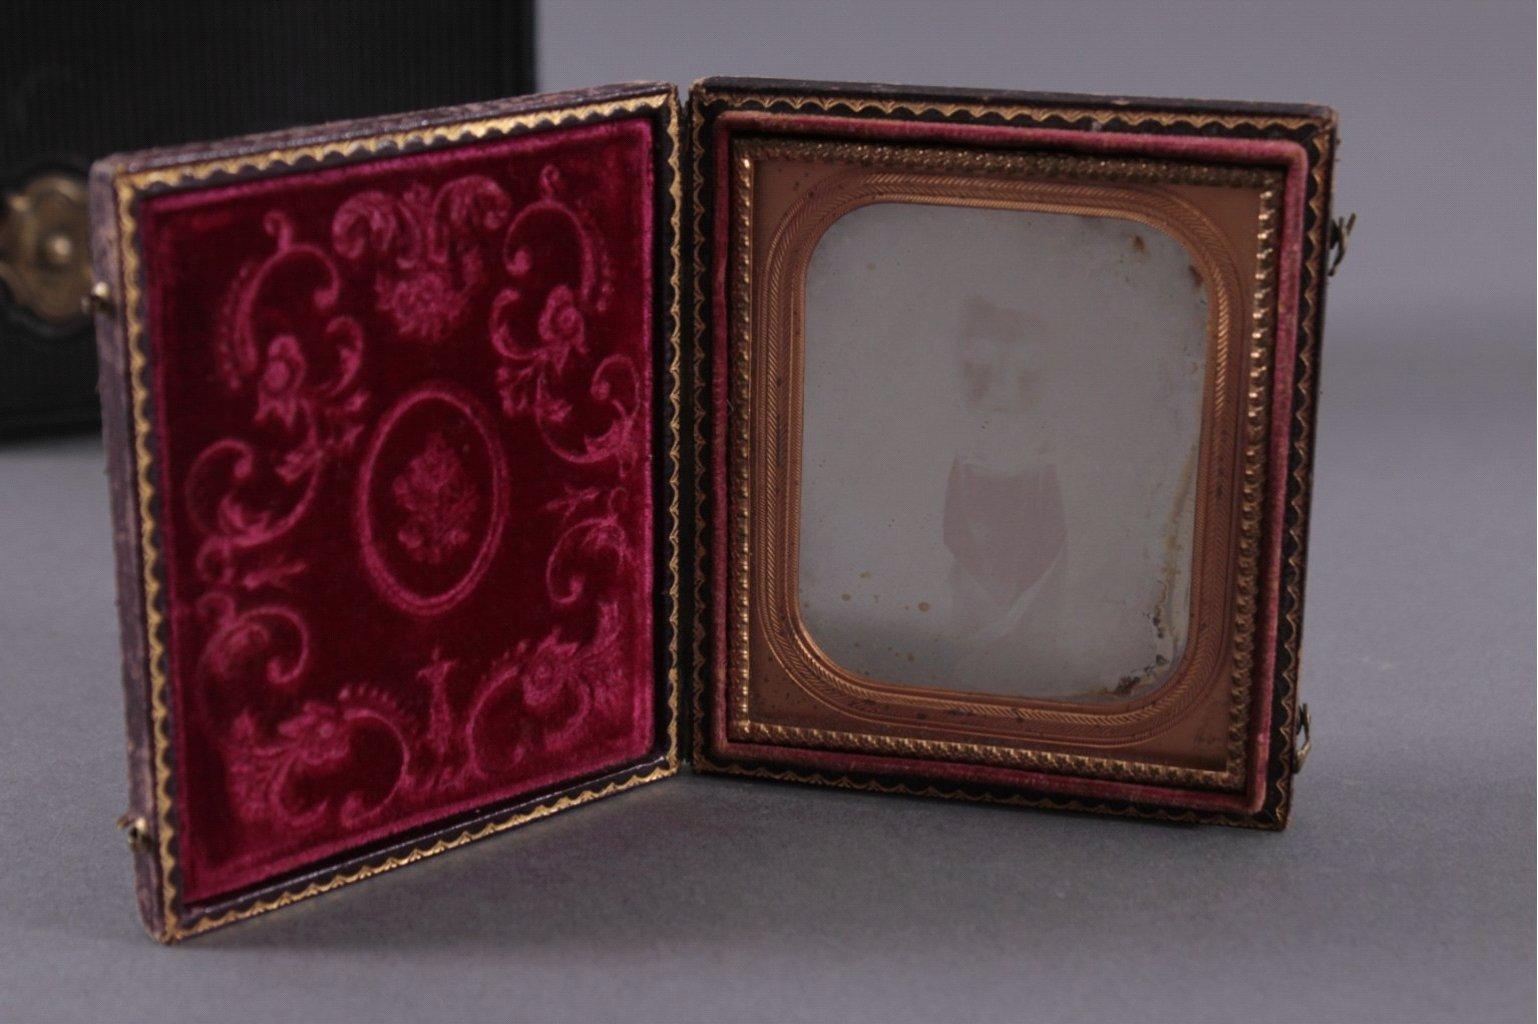 Fotoalbum und Taschen-Fotorahmen um 1900-2